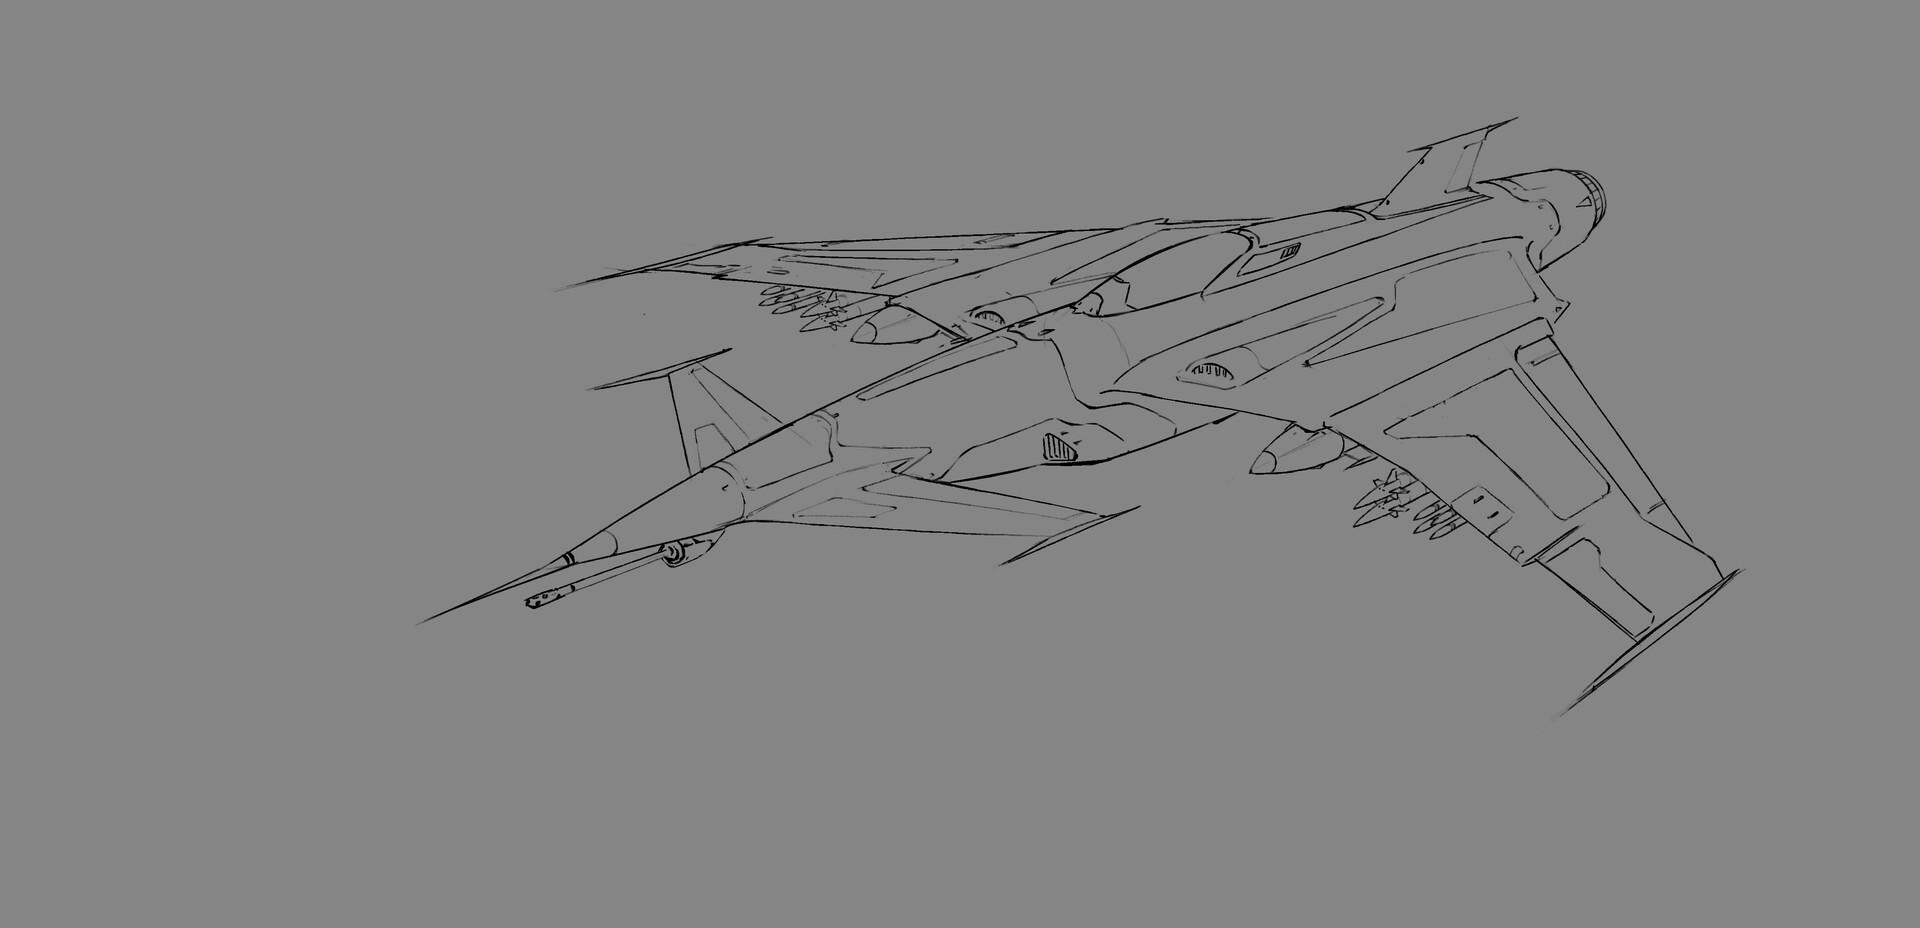 Jasza dobrzanski fighter jet sketch